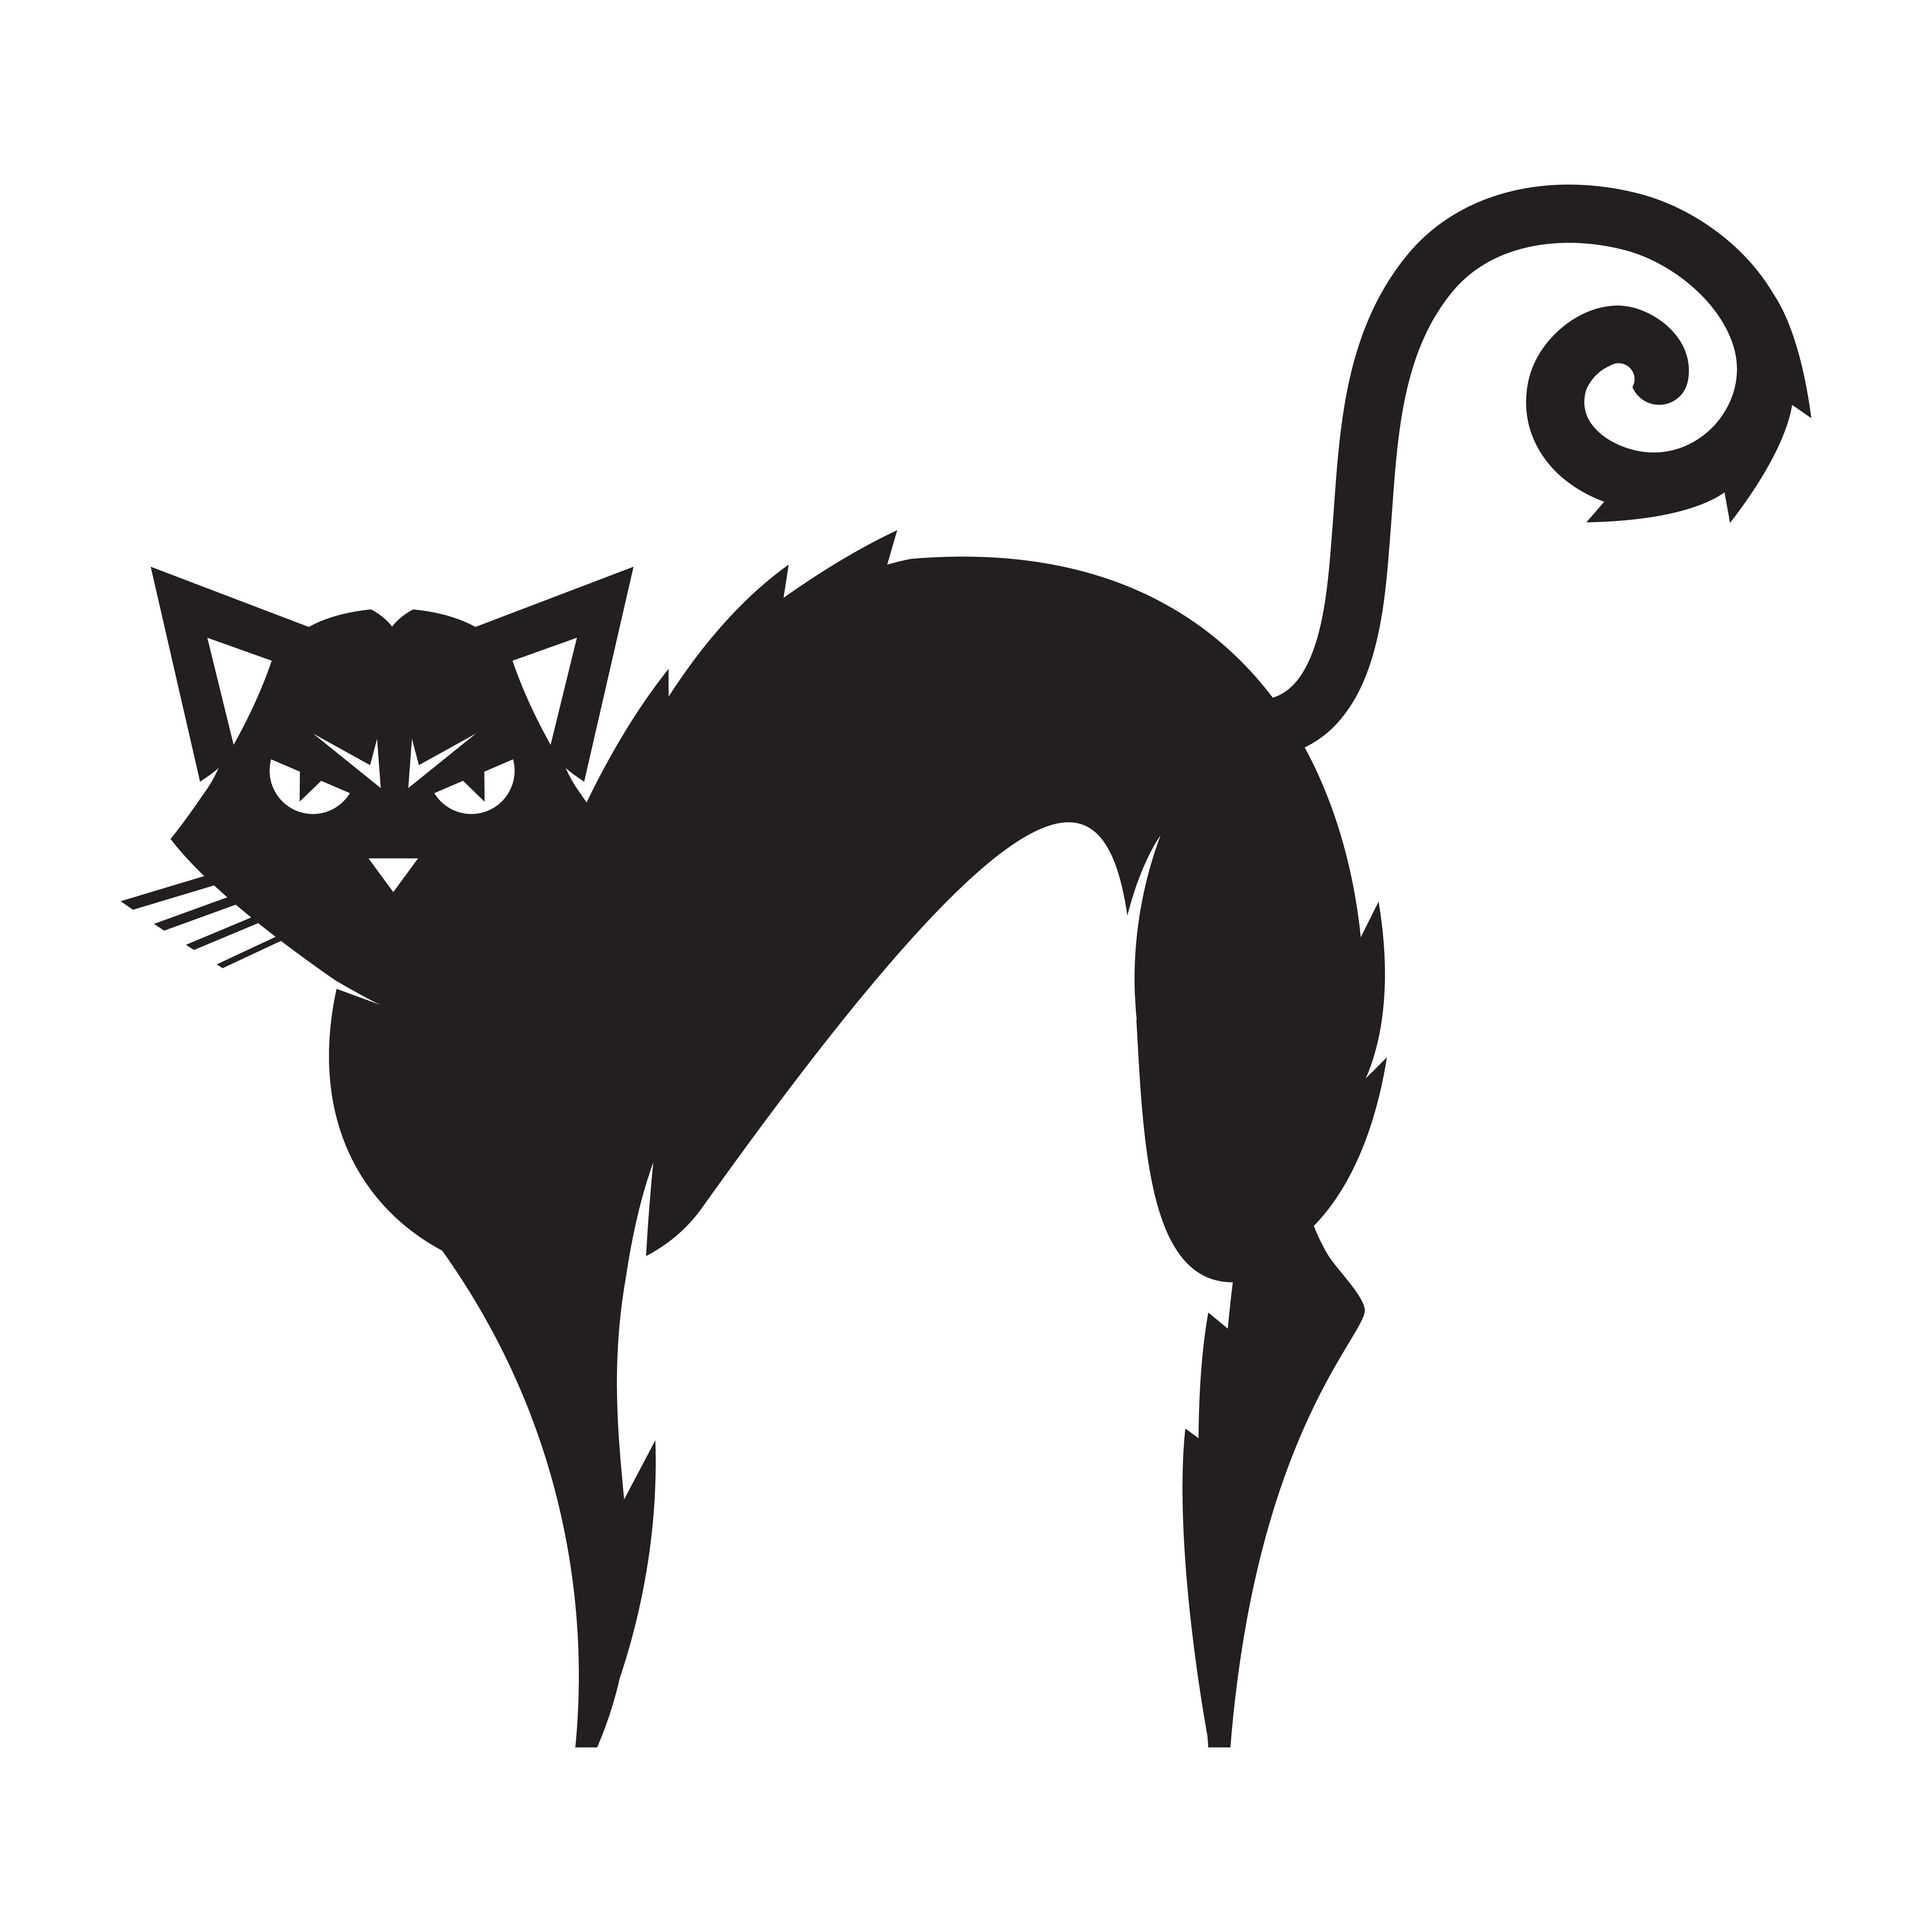 貓q版 免費下載 | 天天瘋後製